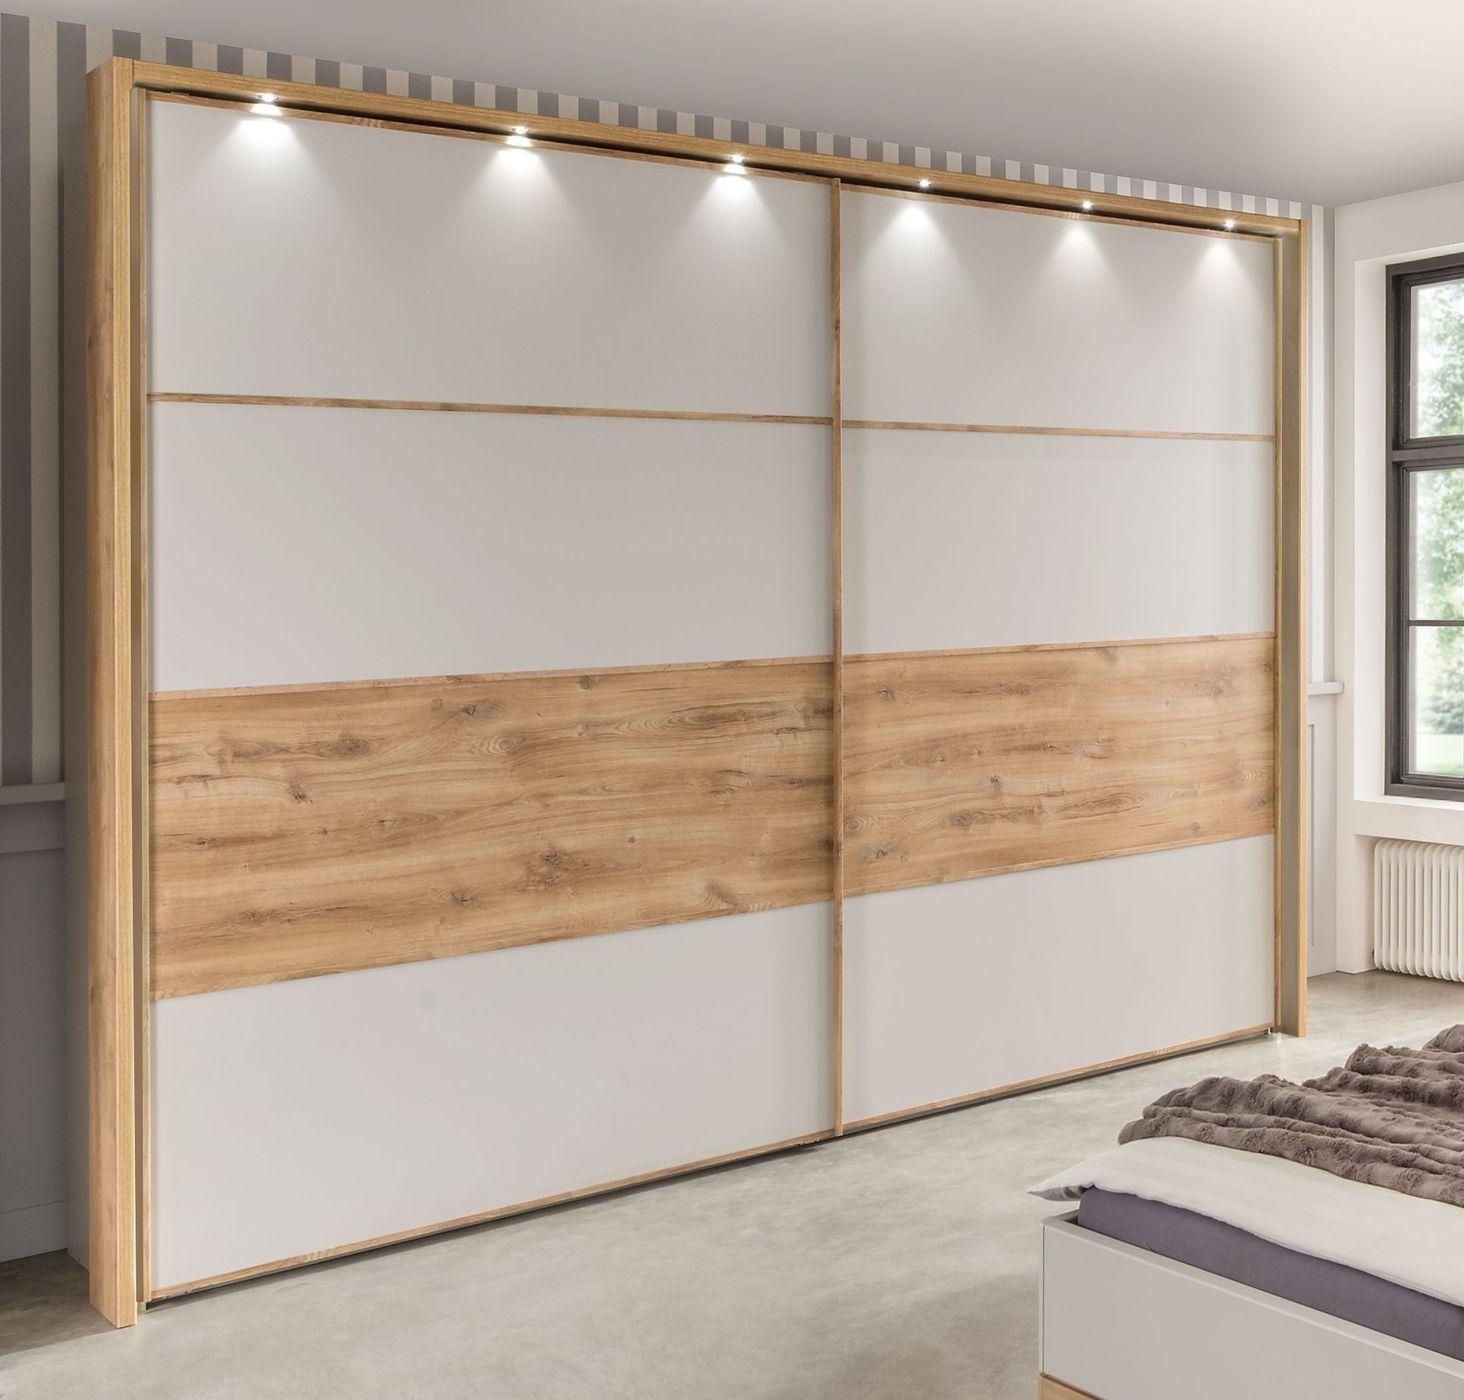 Schwebeturen Kleiderschrank Seabrook In 2020 Wardrobe Design Interior Deco Wardrobe Design Bedroom